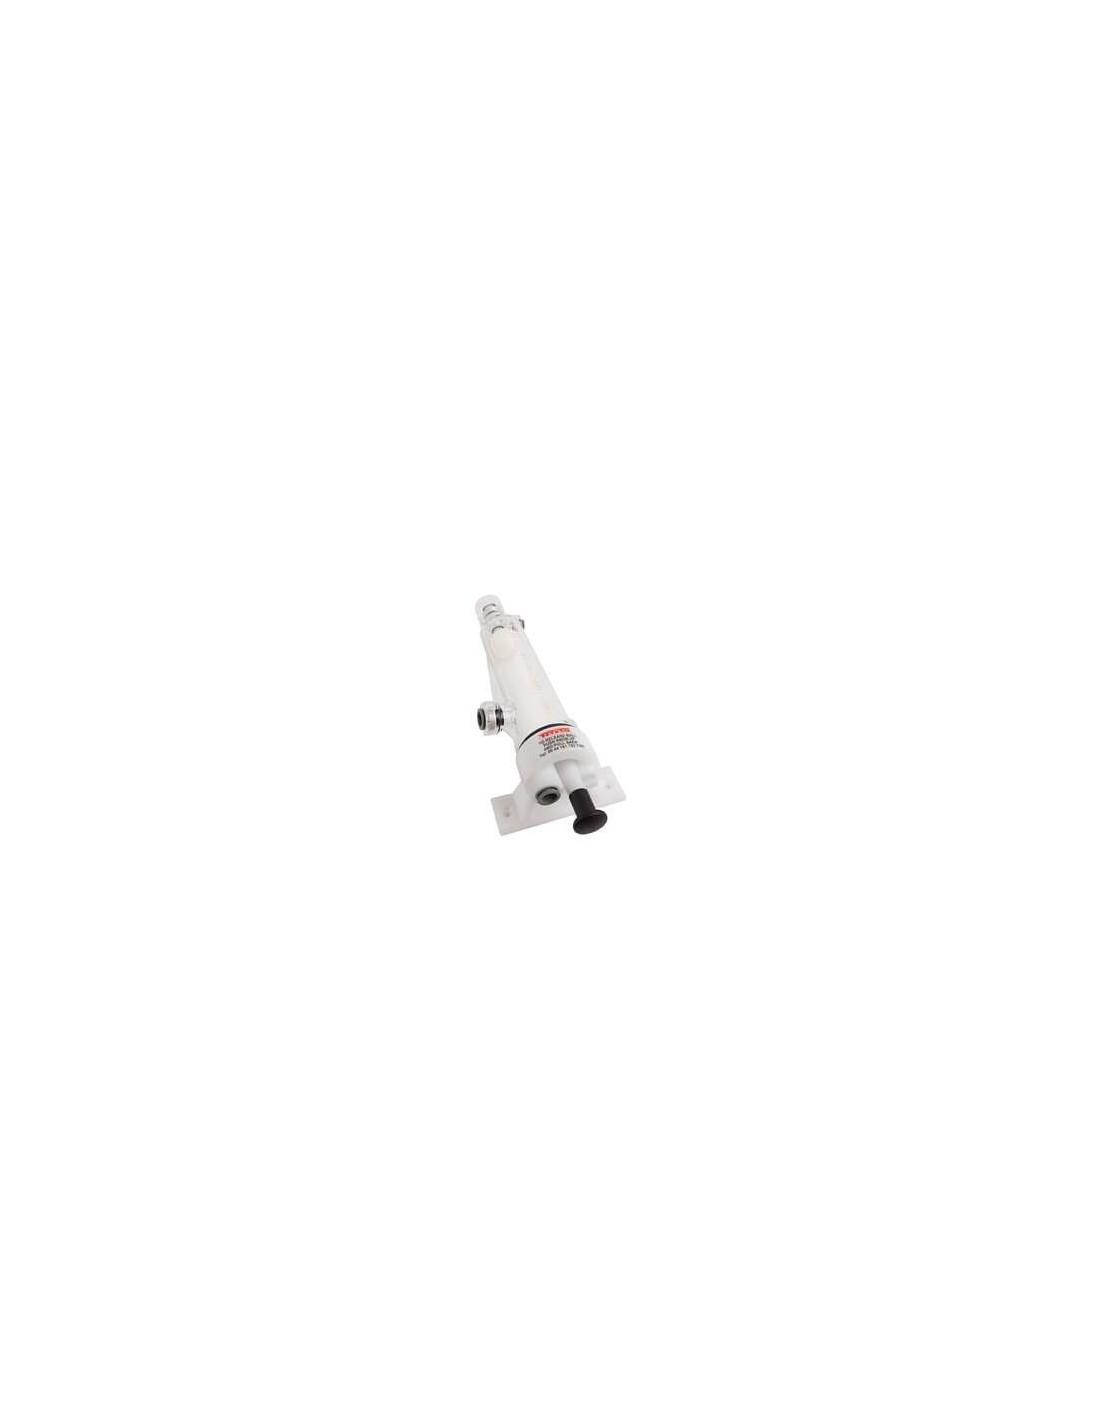 UPP00019 - Foam Detector - Tecflo Ecoflo